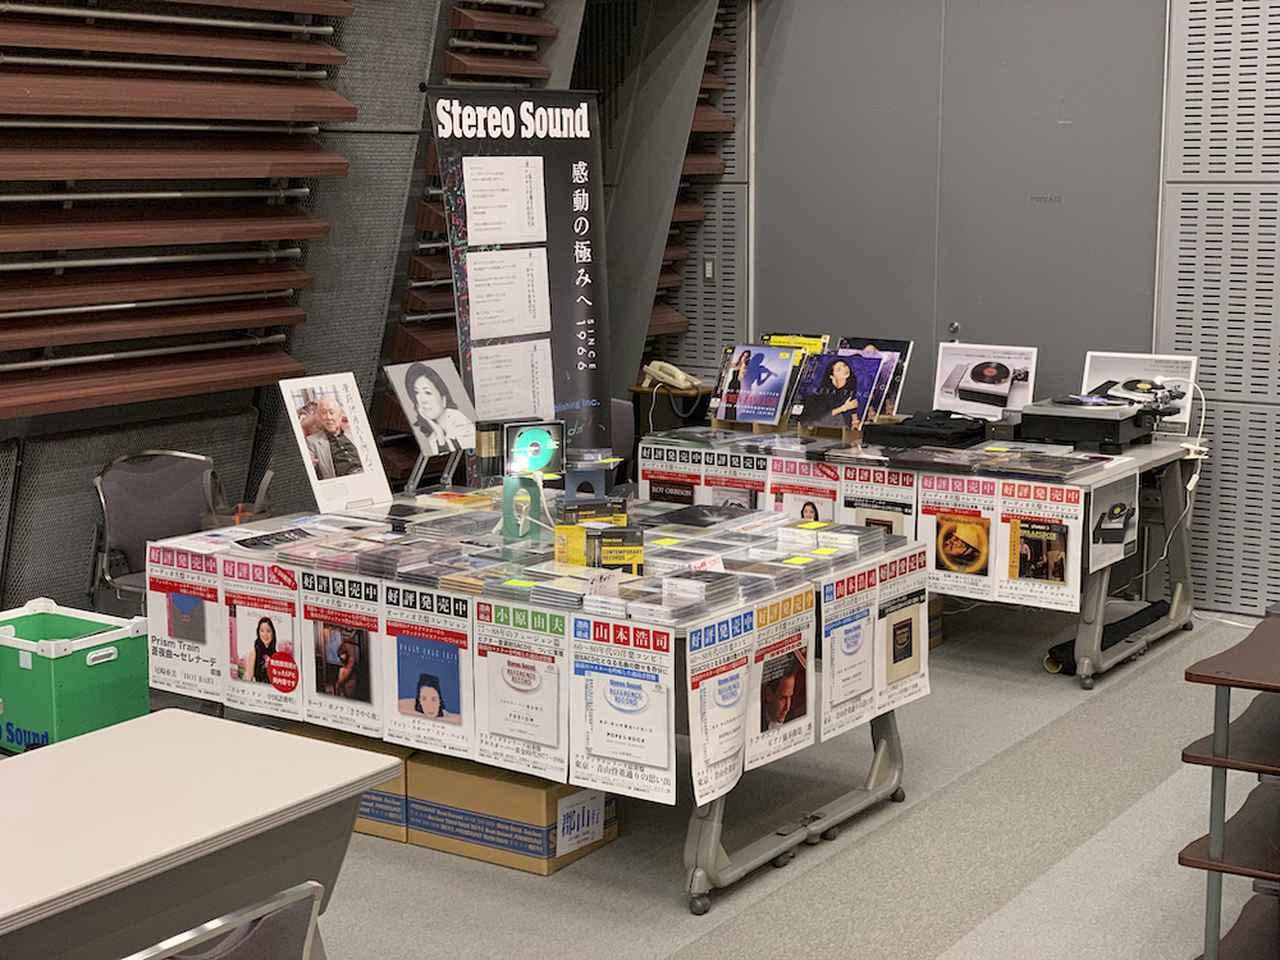 画像: 前回も出店させていただいたステレオサウンド高音質ソフト販売コーナー。この秋の新作もすべて取り揃えてお待ちしています ステレオサウンドストア www.stereosound-store.jp